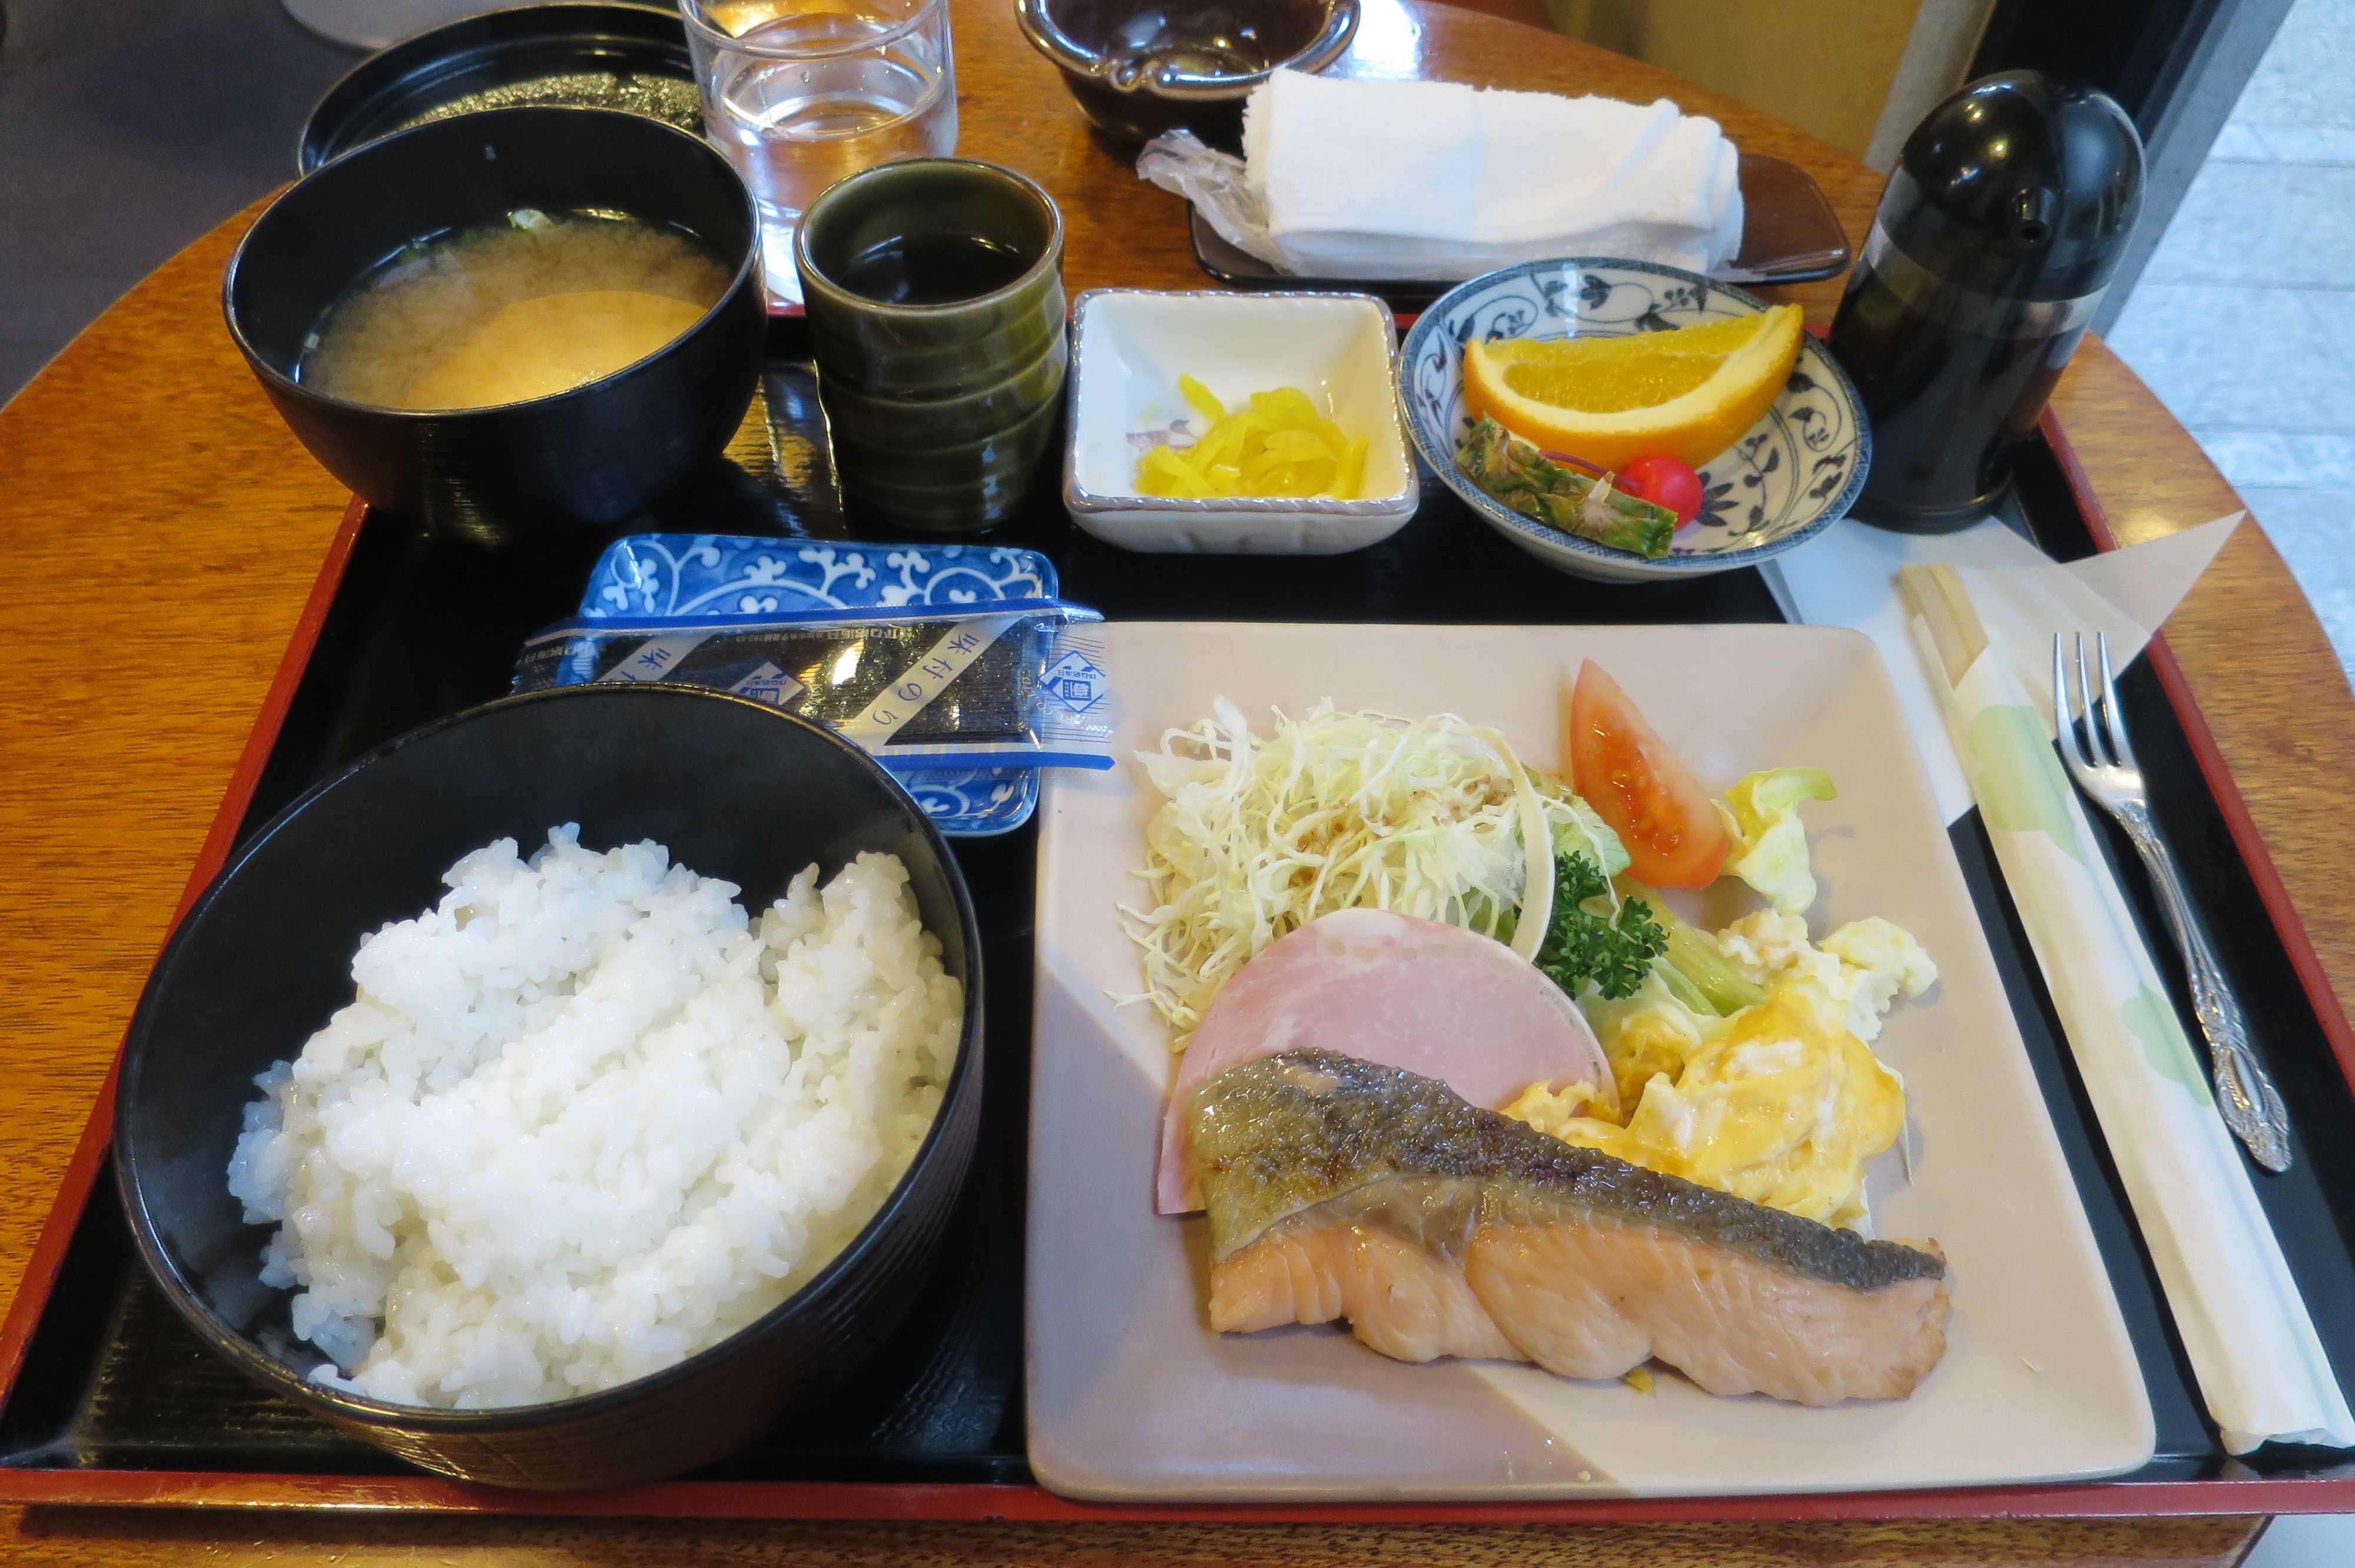 丸亀 - 「Fuji」の朝食。